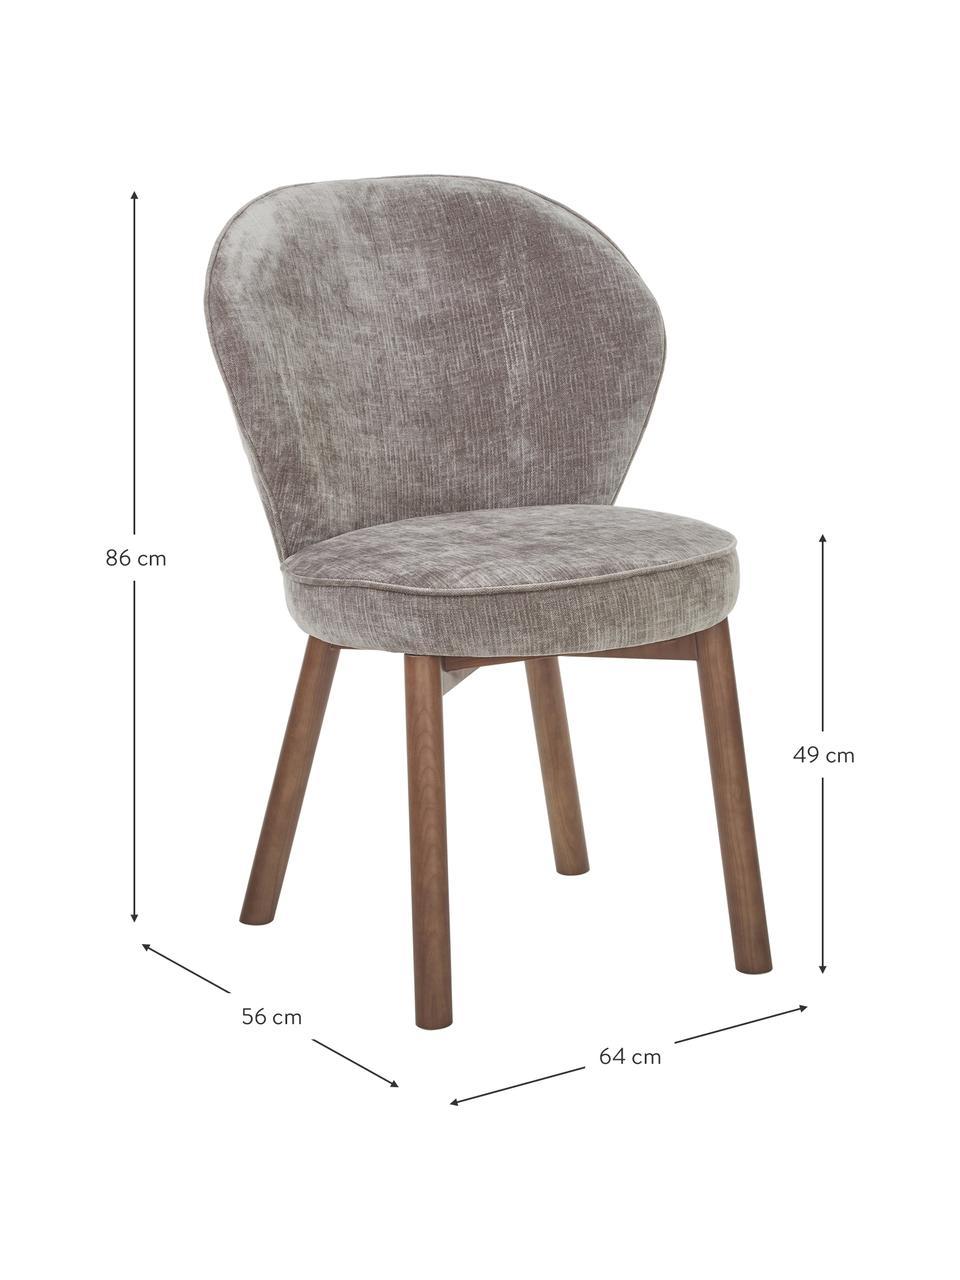 Sedia imbottita in tessuto grigio Serena, Rivestimento: ciniglia (92% poliestere,, Gambe: legno massiccio di frassi, Grigio, Larg. 56 x Prof. 64 cm